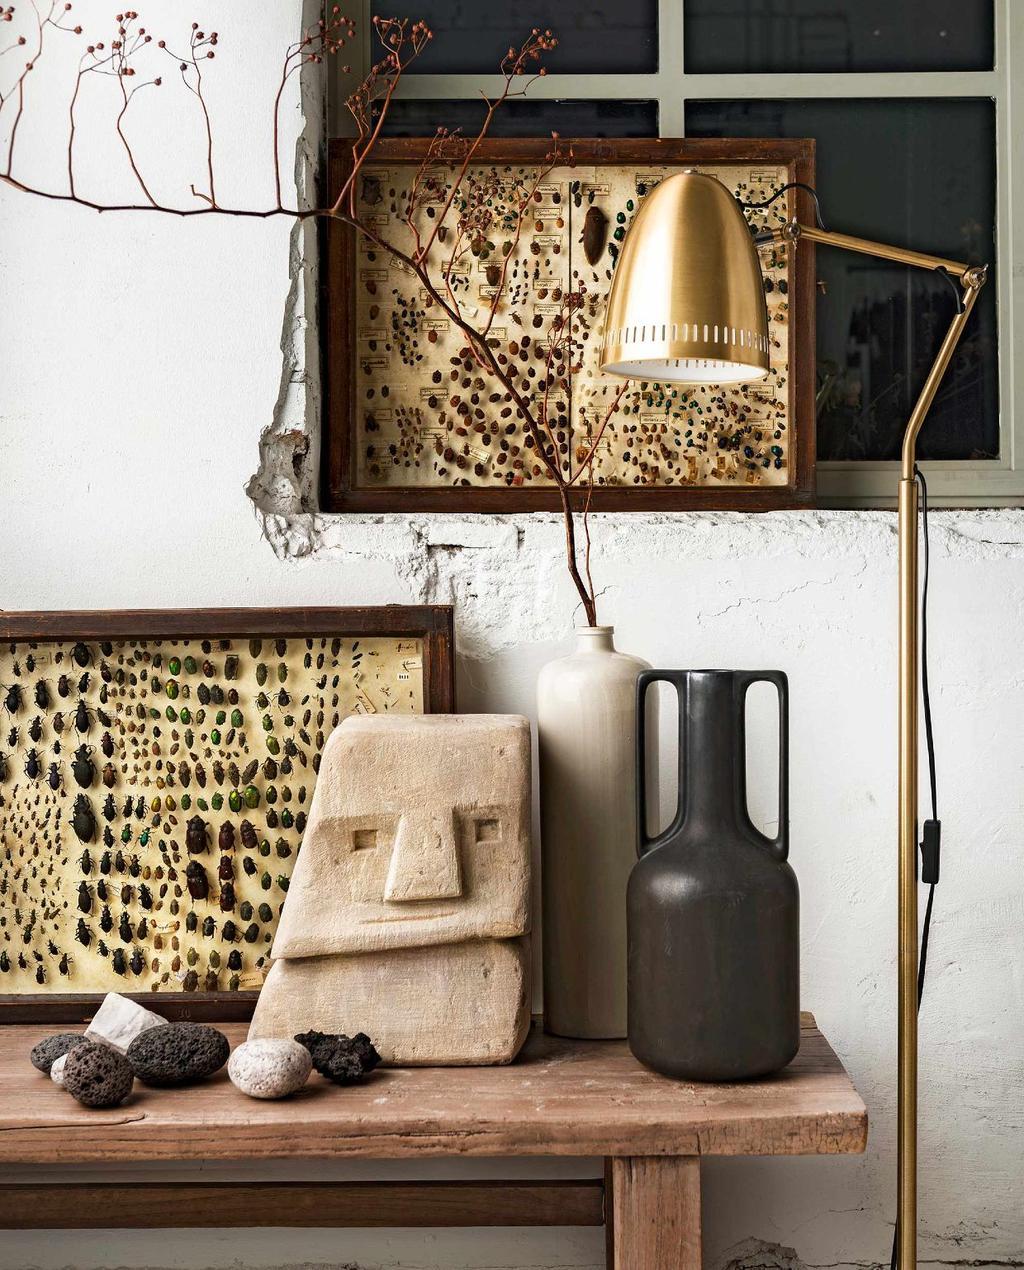 Sidetable met vazen, stenen gezicht en opgezette insecten